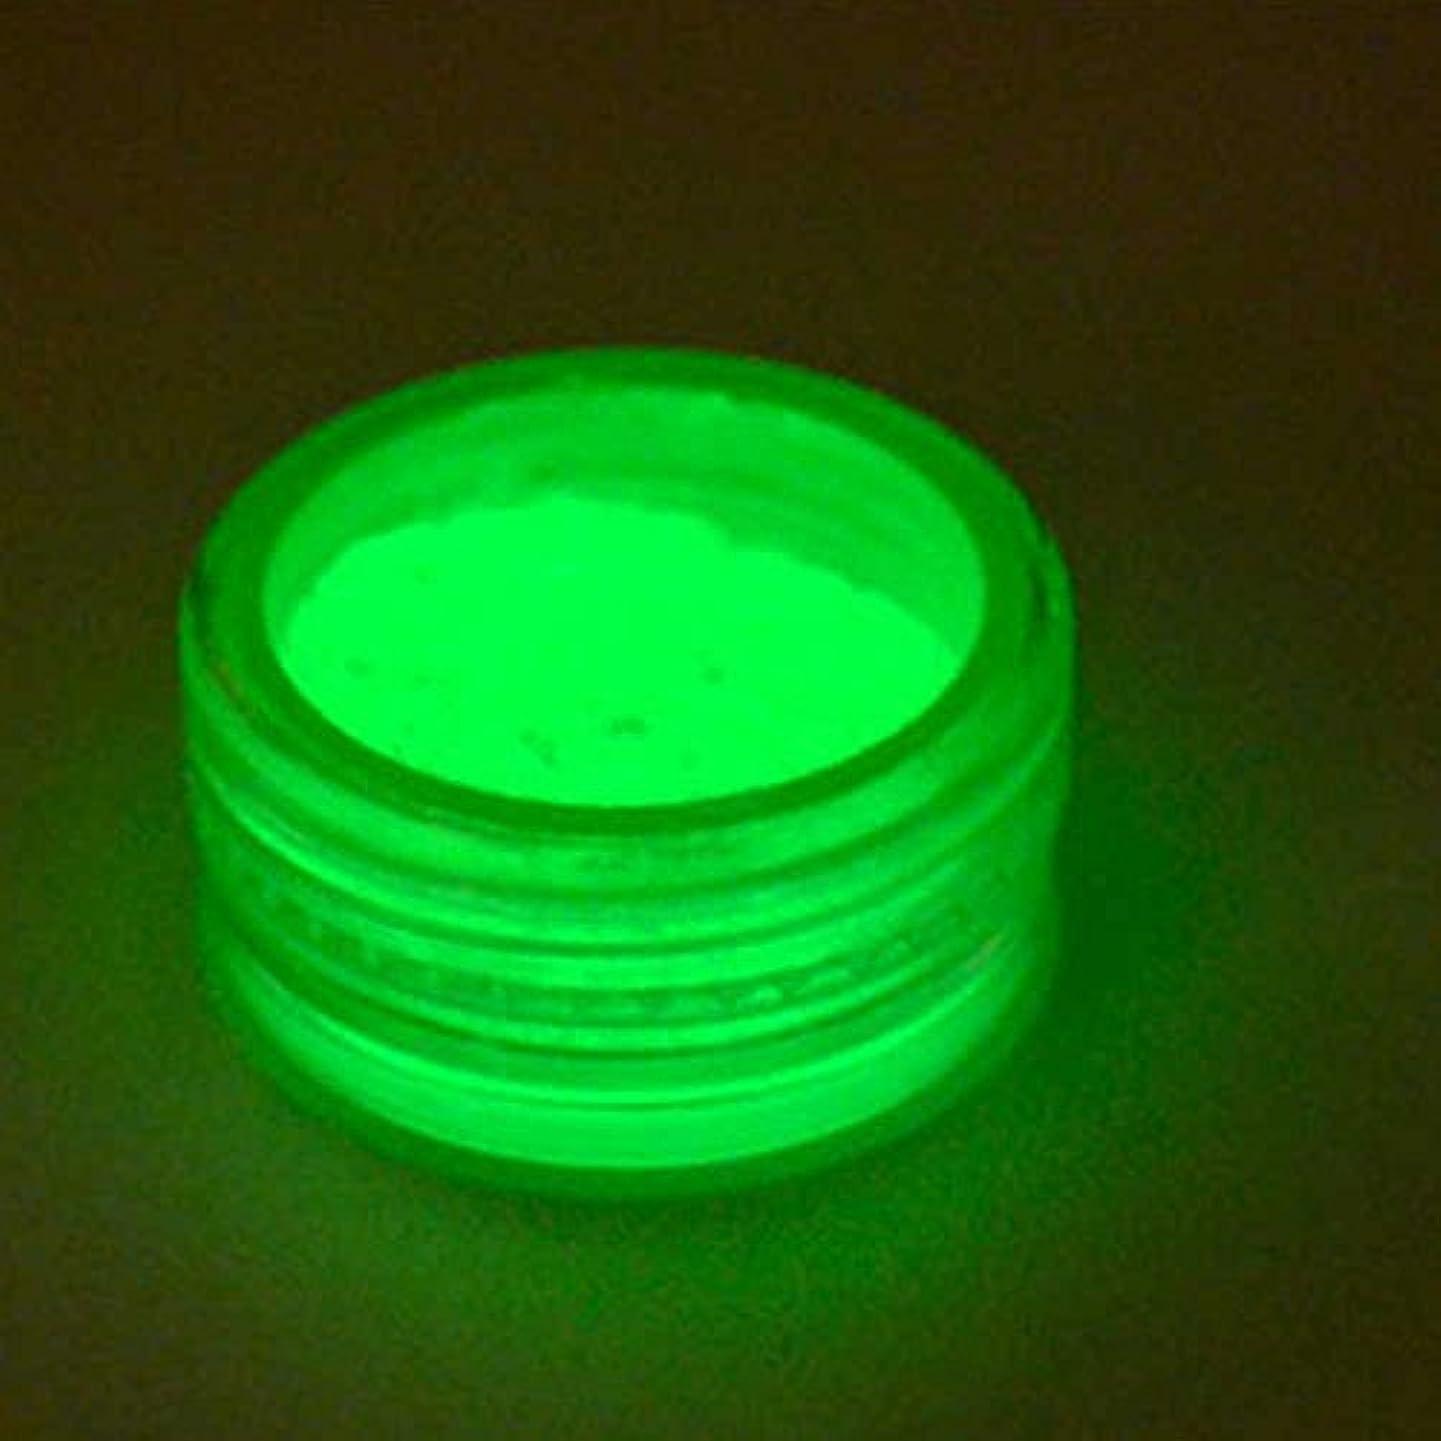 出します忌み嫌う柱Timsa ネイルパウダー 暗闇で光る蓄光顔料 暗闇で光る 夜光塗料 蛍光顔料 ネイルオーロラ ネイルアート ネイルカラーレーザーマニキュアセット キラキラパウダー 不思議 デコ用 ケース入り 10色選択 (E)